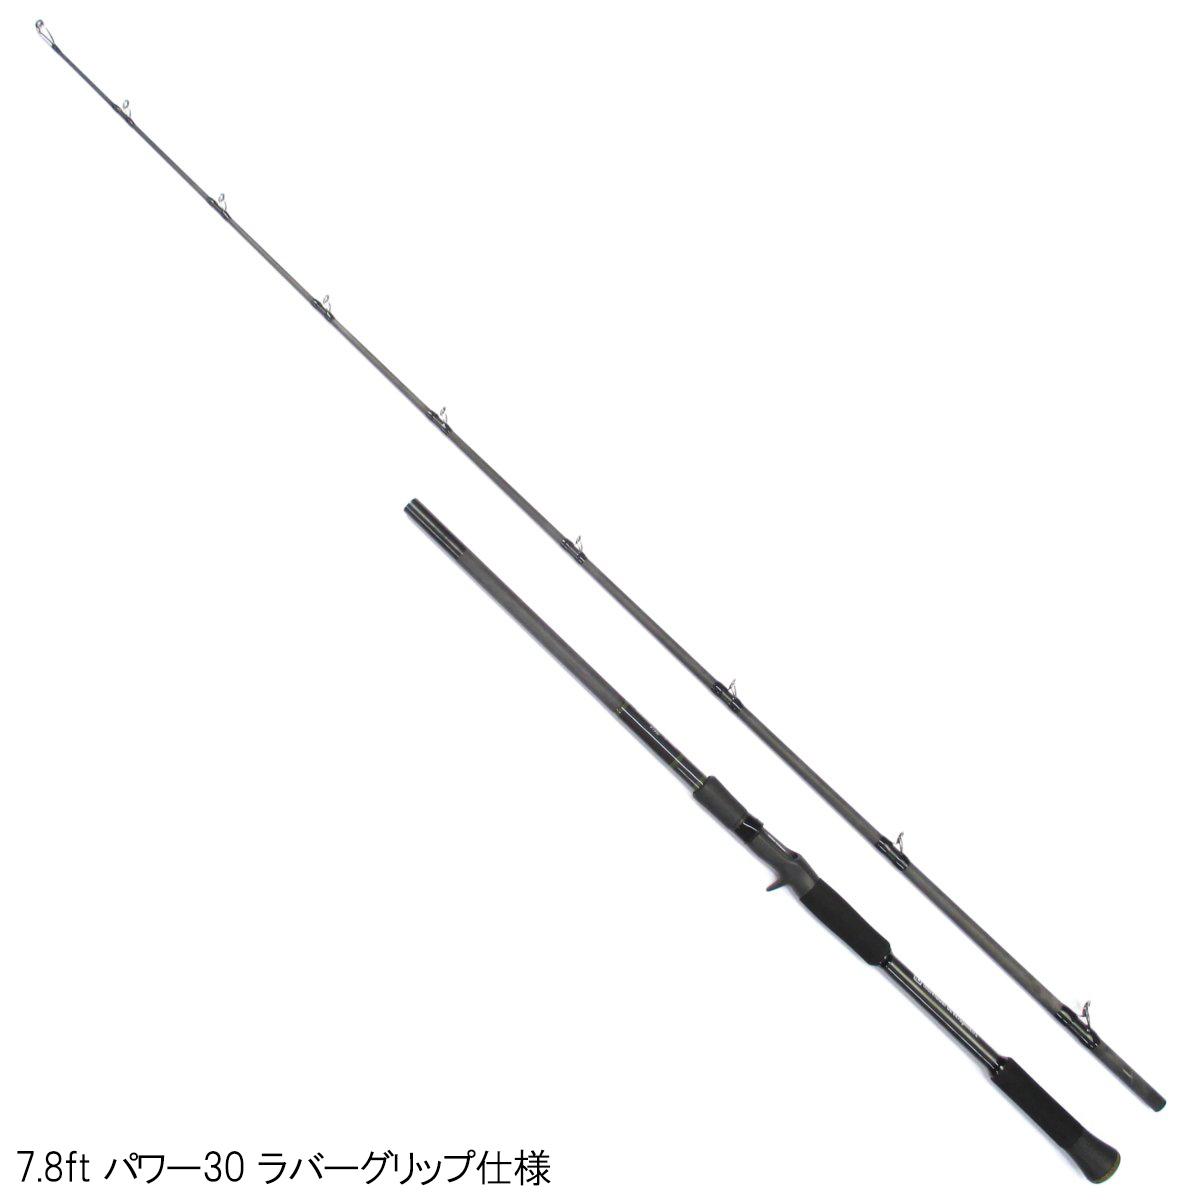 FTB 7.8ft パワー30 ラバーグリップ仕様【大型商品】(東日本店)